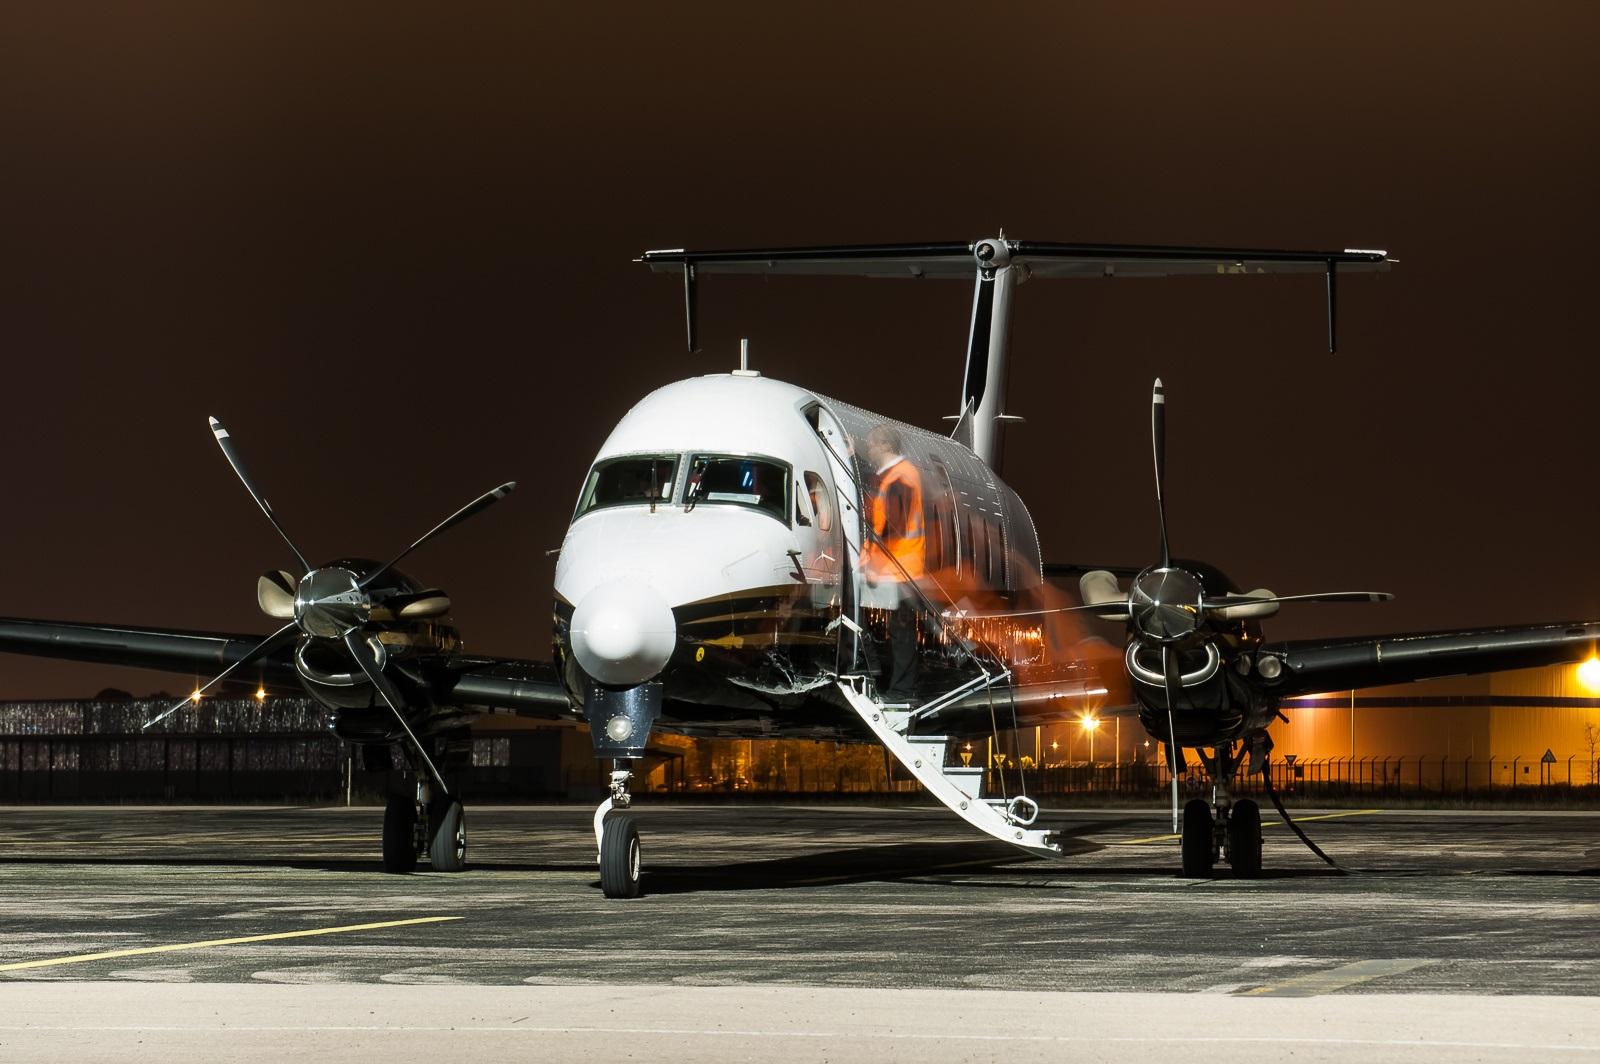 Beechcraft 1900D встречает пассажиров перед ночным рейсом